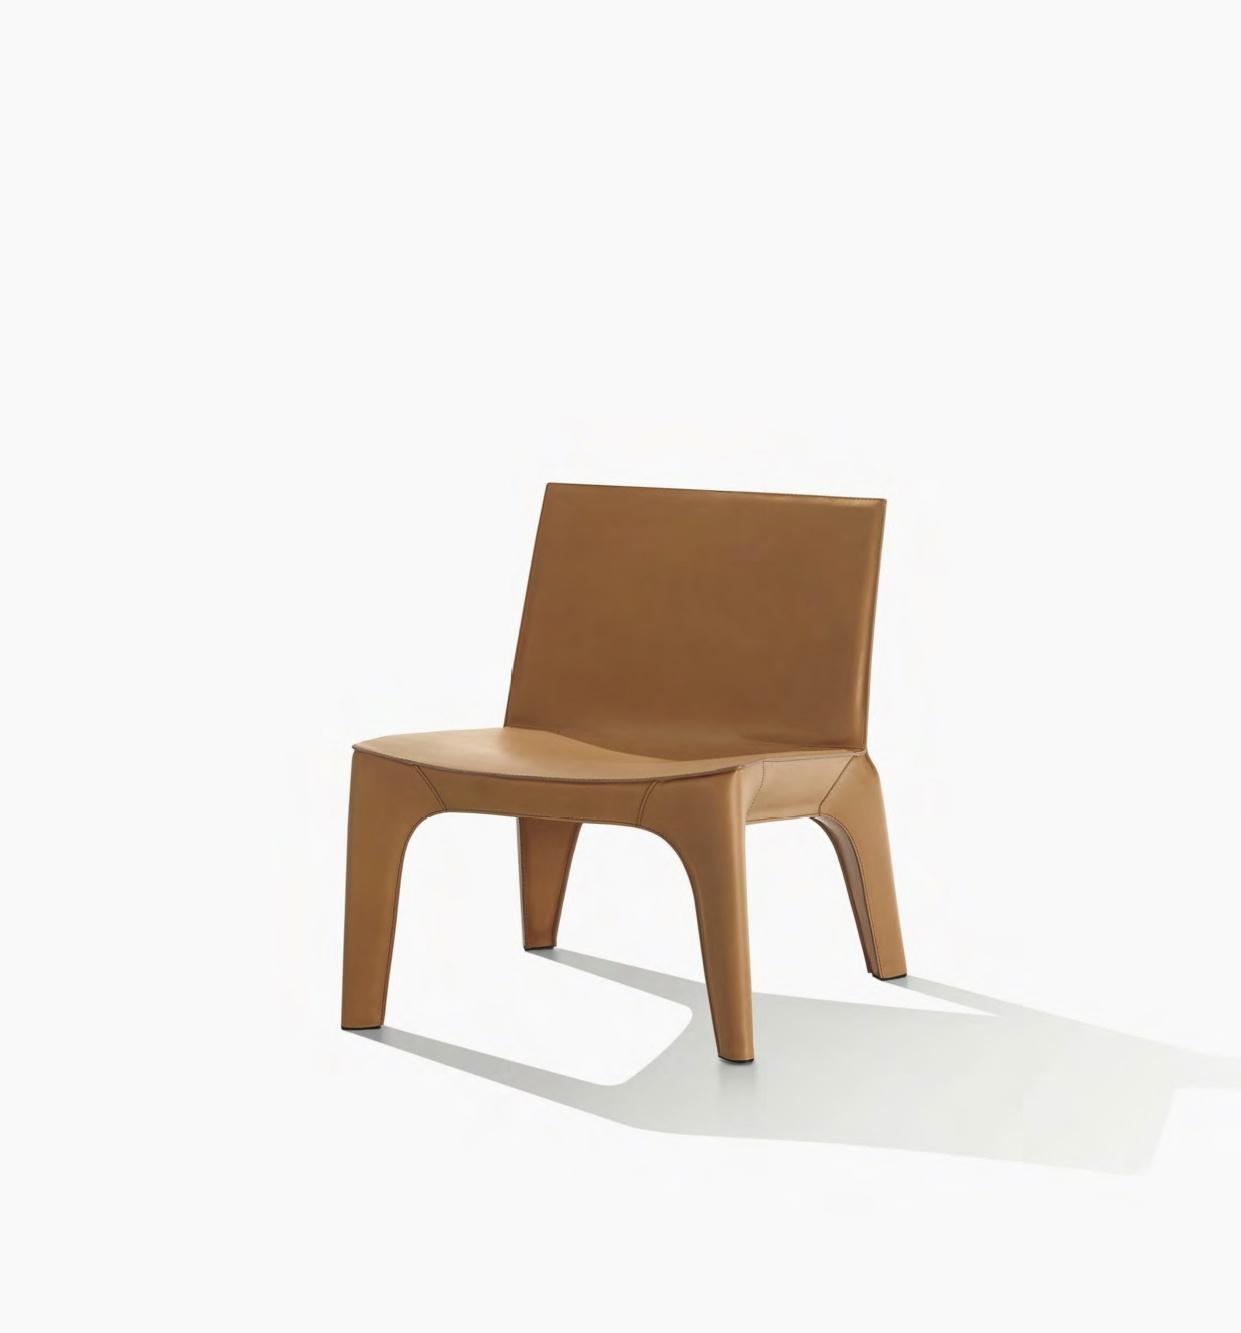 Кресло Poliform BB , кожаное кресло, кресло из натуральной кожи, кожаная мебель, мебель из натуральной кожи Калининград,Мебель из Италии, Купить кресло в Калининграде, дизайнерское кресло, стильное кресло, дизайн интерьера, дизайн интерьера Калининград, купить мебель в Калининграде, современный стиль, современная мебель, дизайн интерьера, купить дизайнерское кресло в Калининграде, мебель для спальни, мебель для гостиной Калининград,итальянский стиль, итальянский дизайн, итальянская мебель, итальянский интерьер, заказать мебель из Италии, мебель из Италии Калининград,кресло Poliform , мебель Poliform